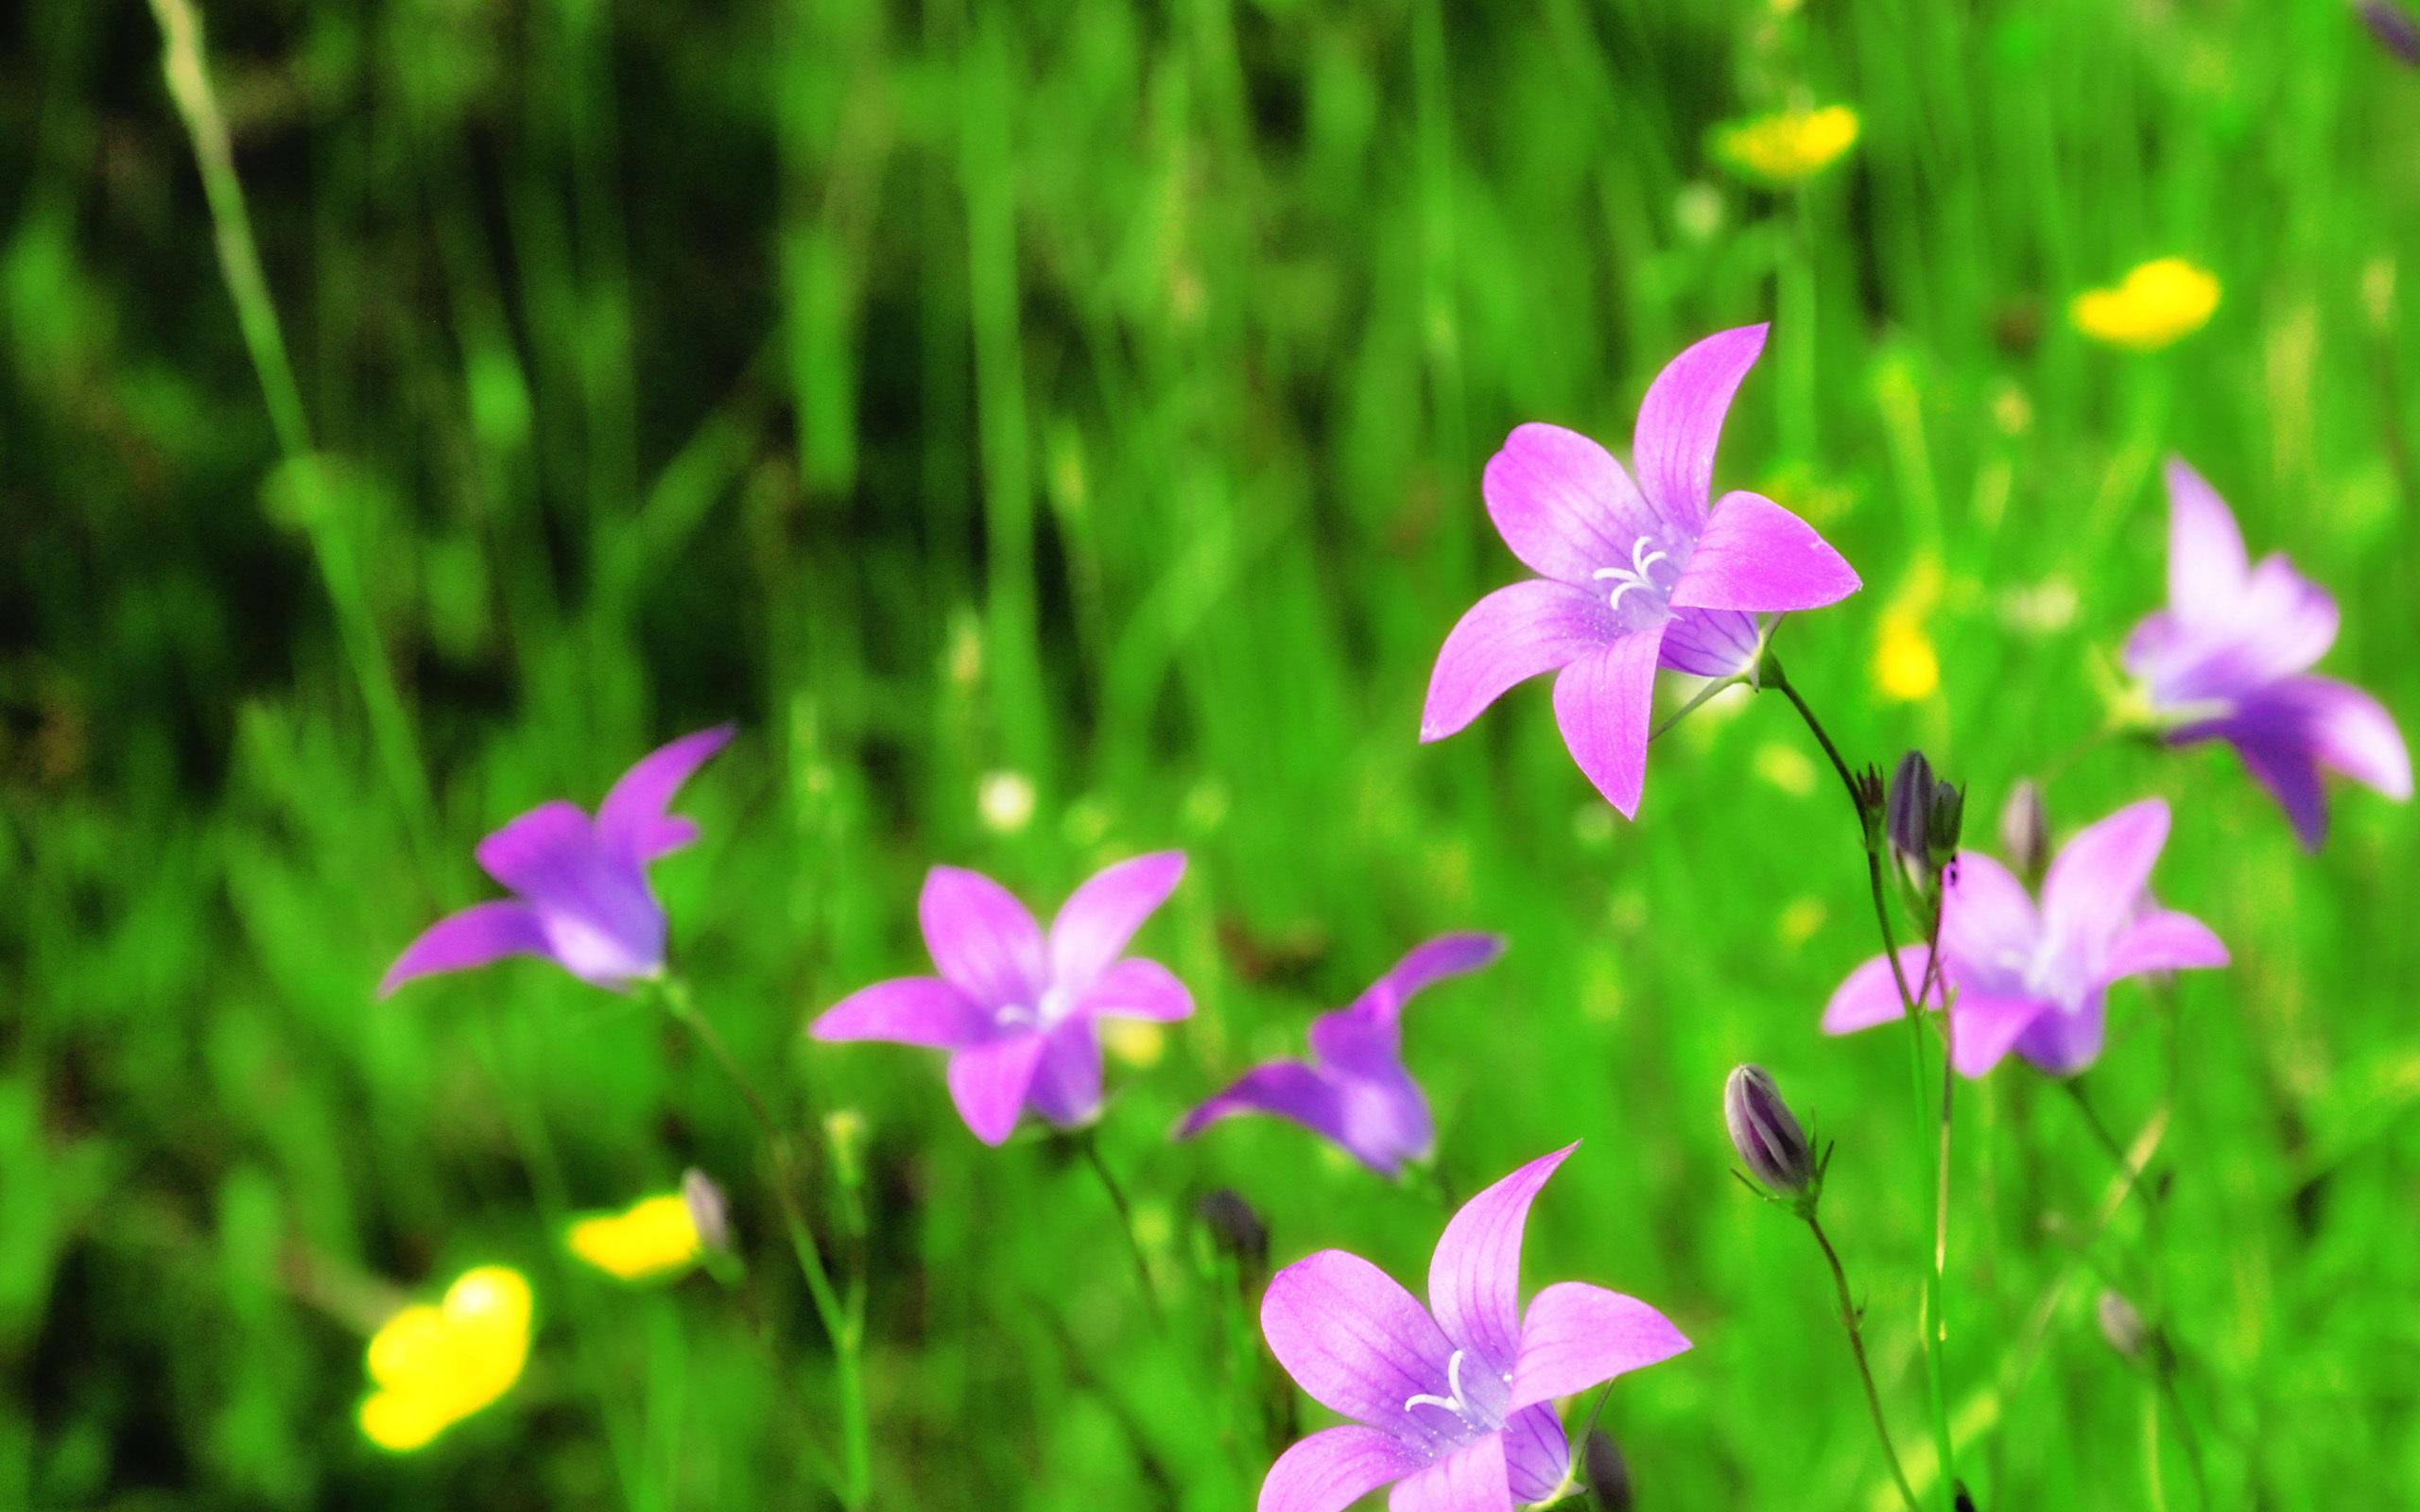 花玲00_壁纸 紫铃花 2560x1600 hd 高清壁纸, 图片, 照片